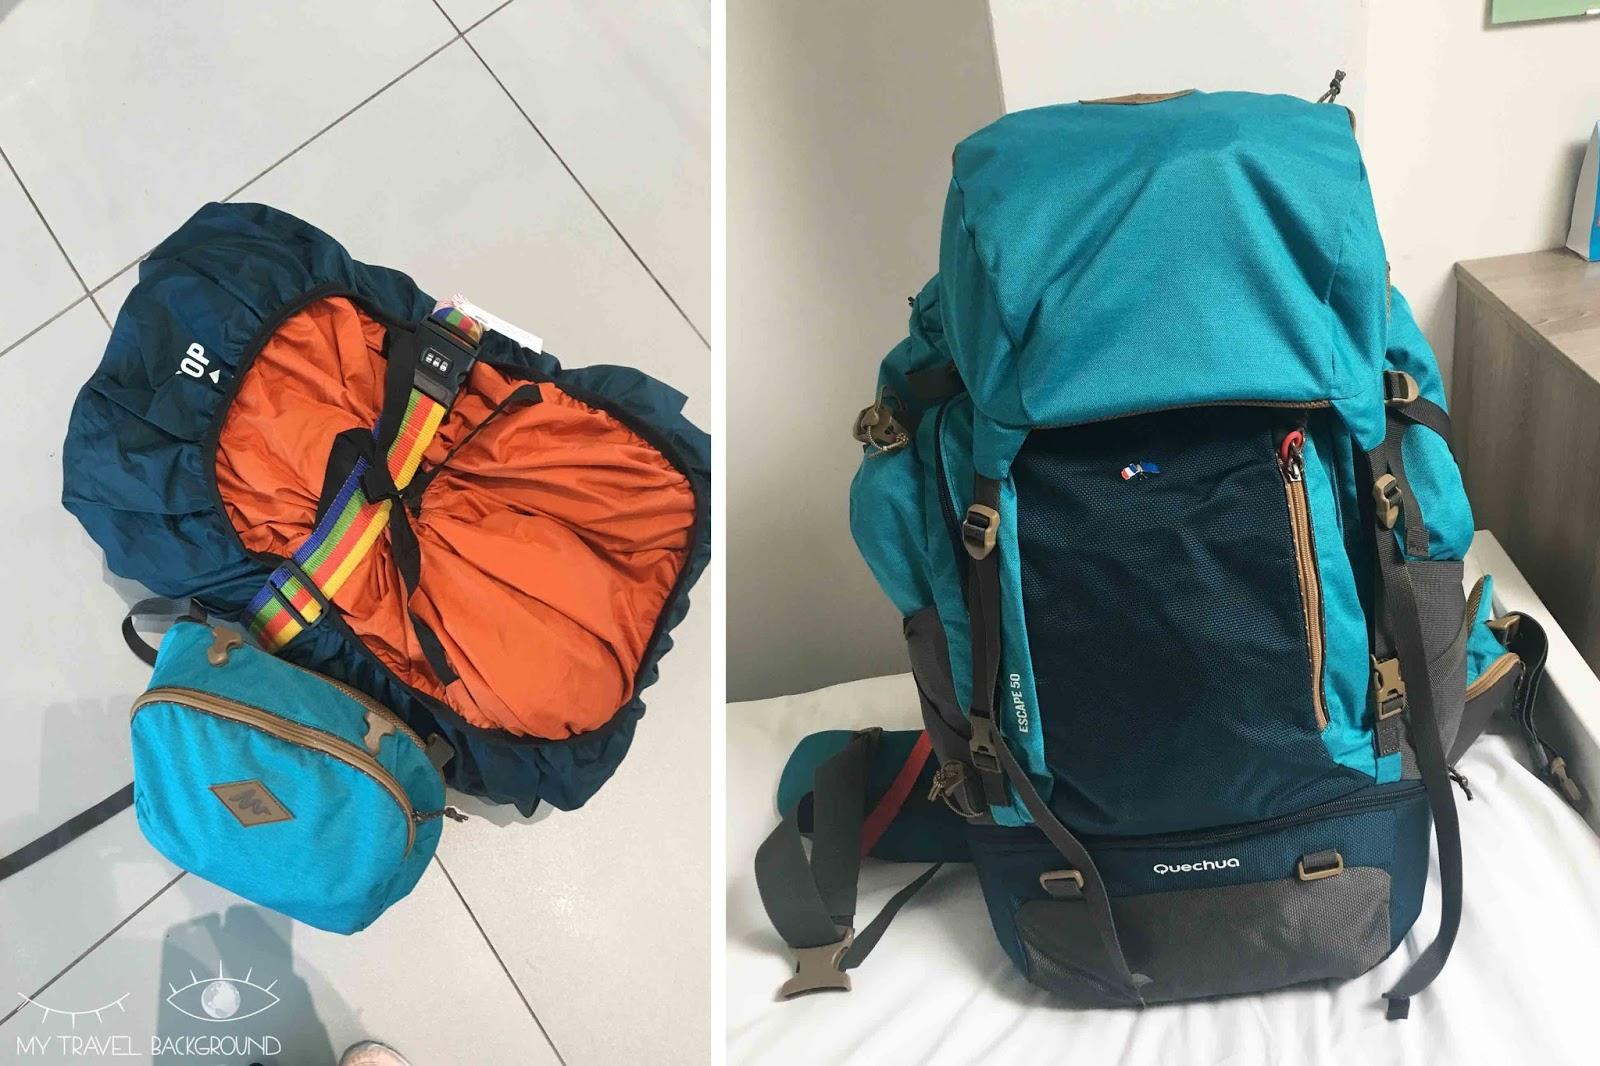 My Travel Background : voyager en sac à dos, quel modèle choisir, et quoi mettre dedans? Decathlon Escape 50L femme